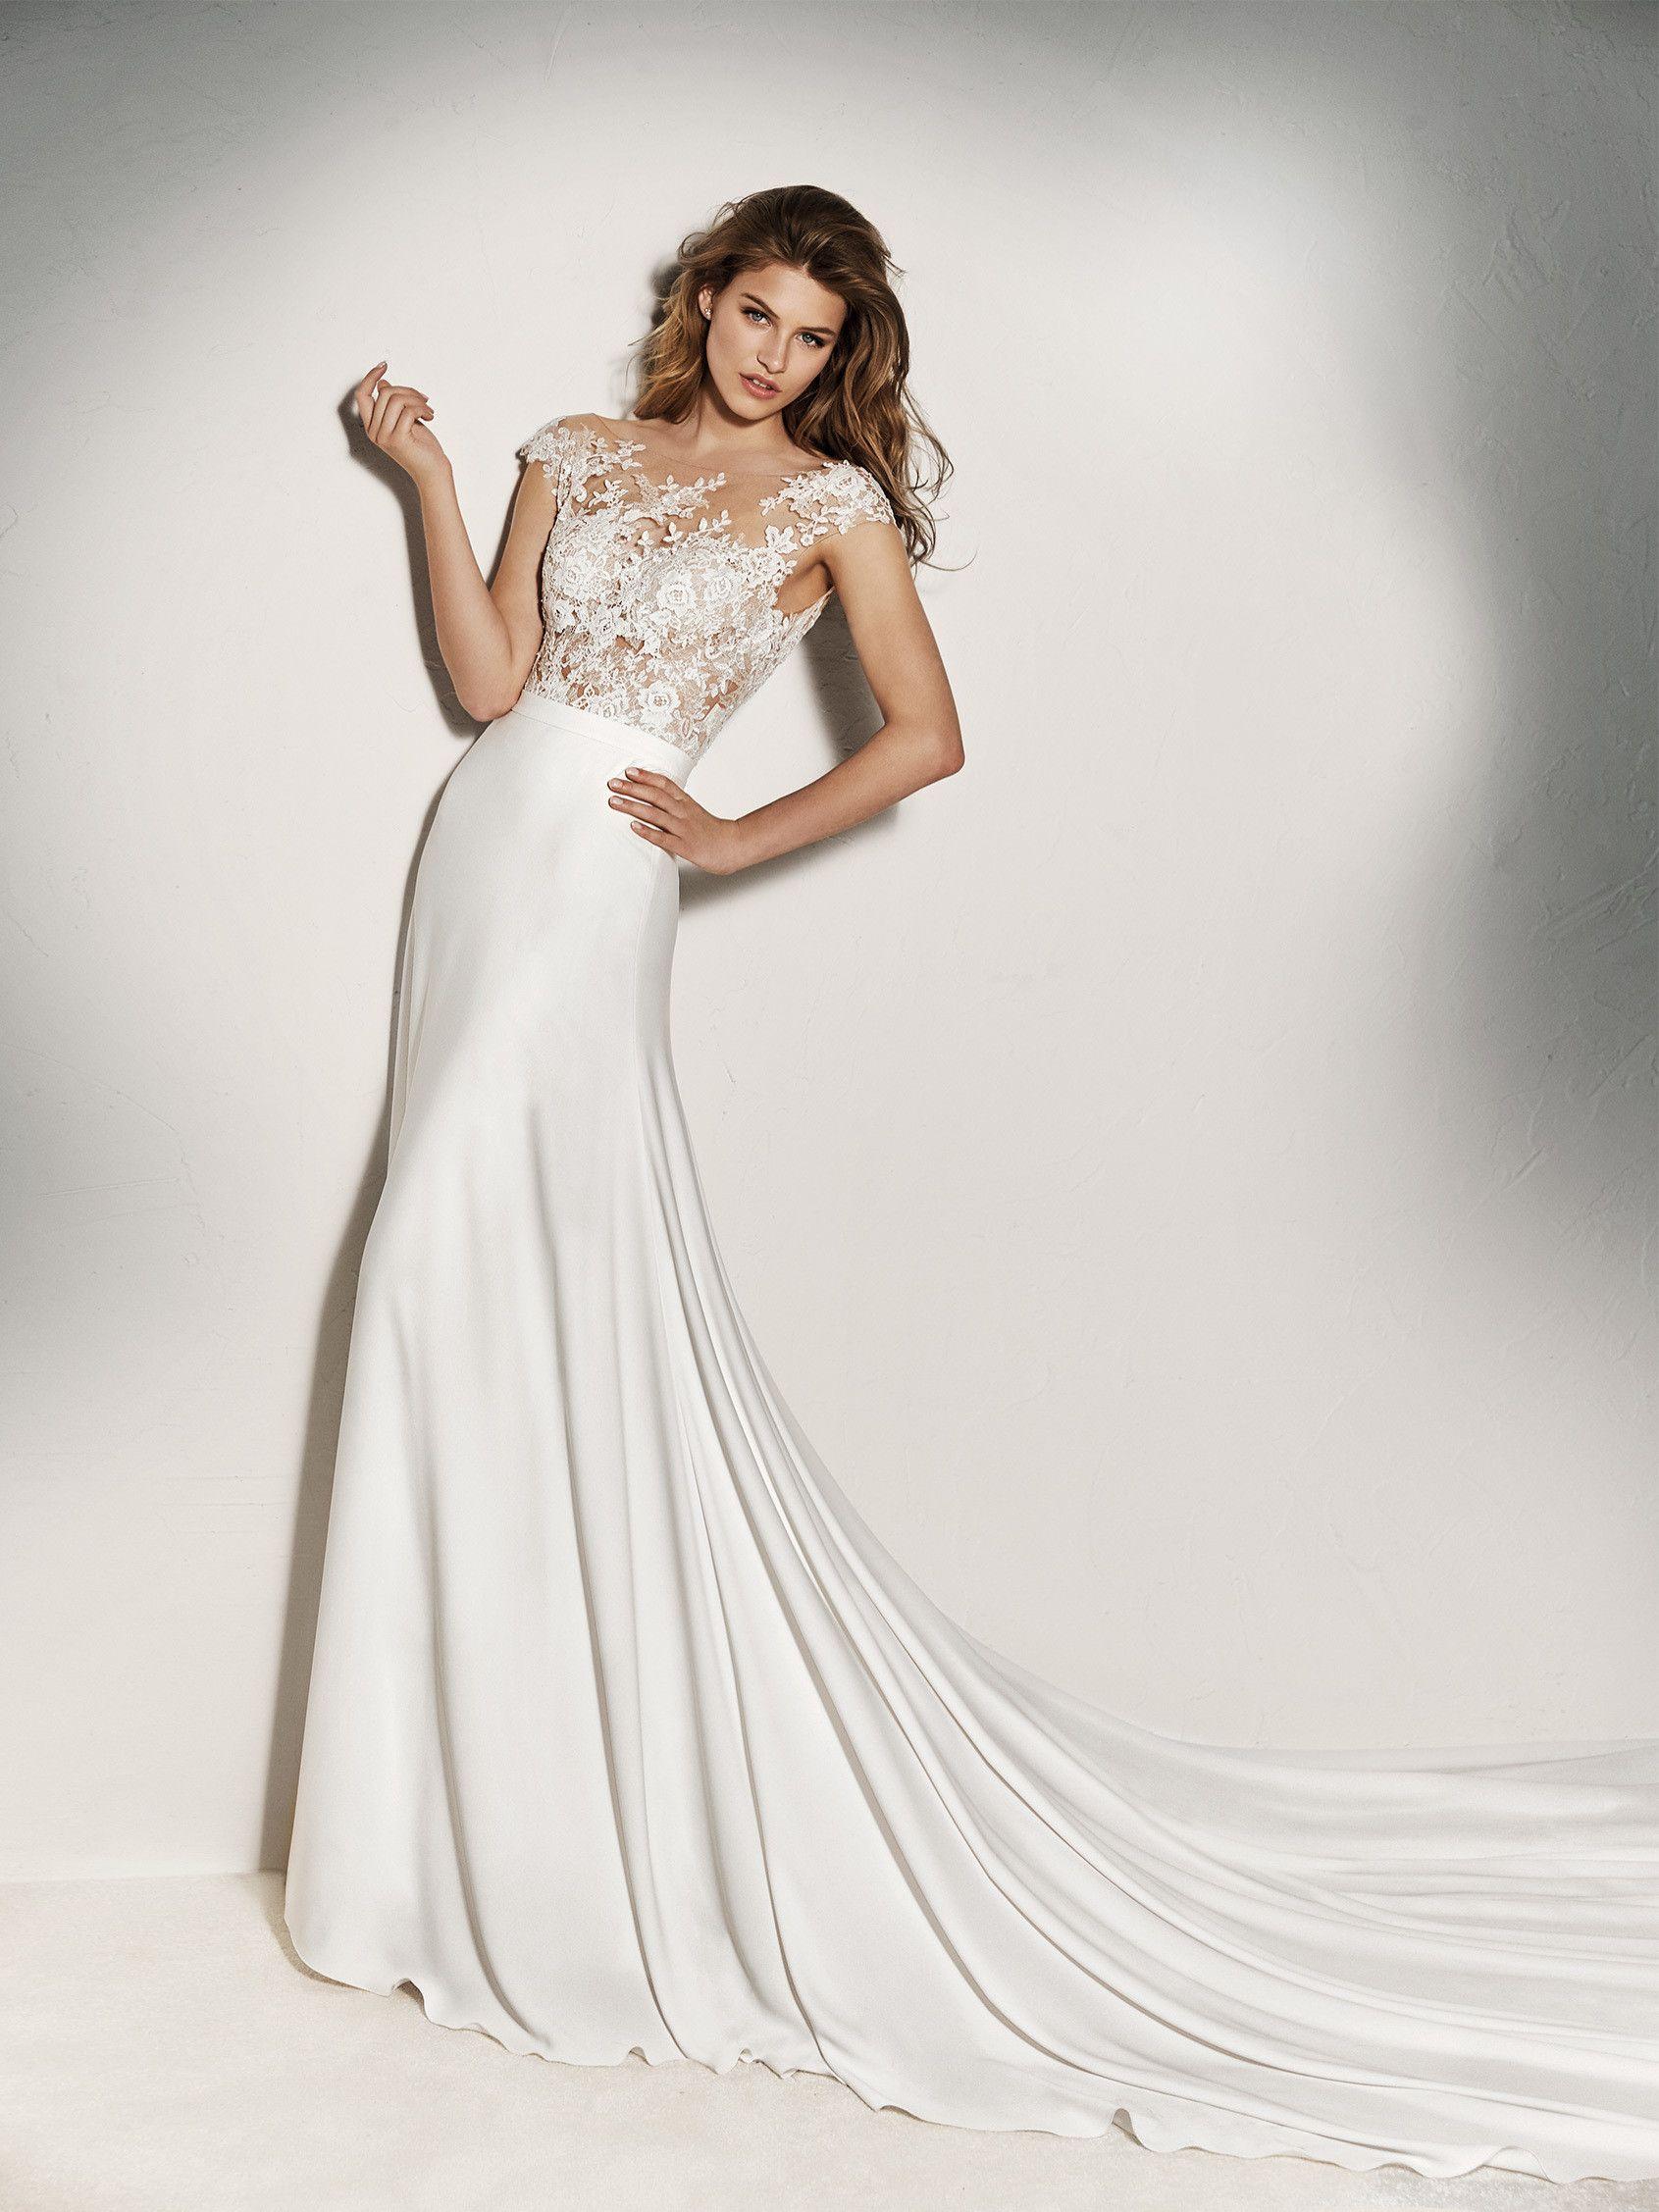 Bridal top spectacular pronovias collection ideas wedding